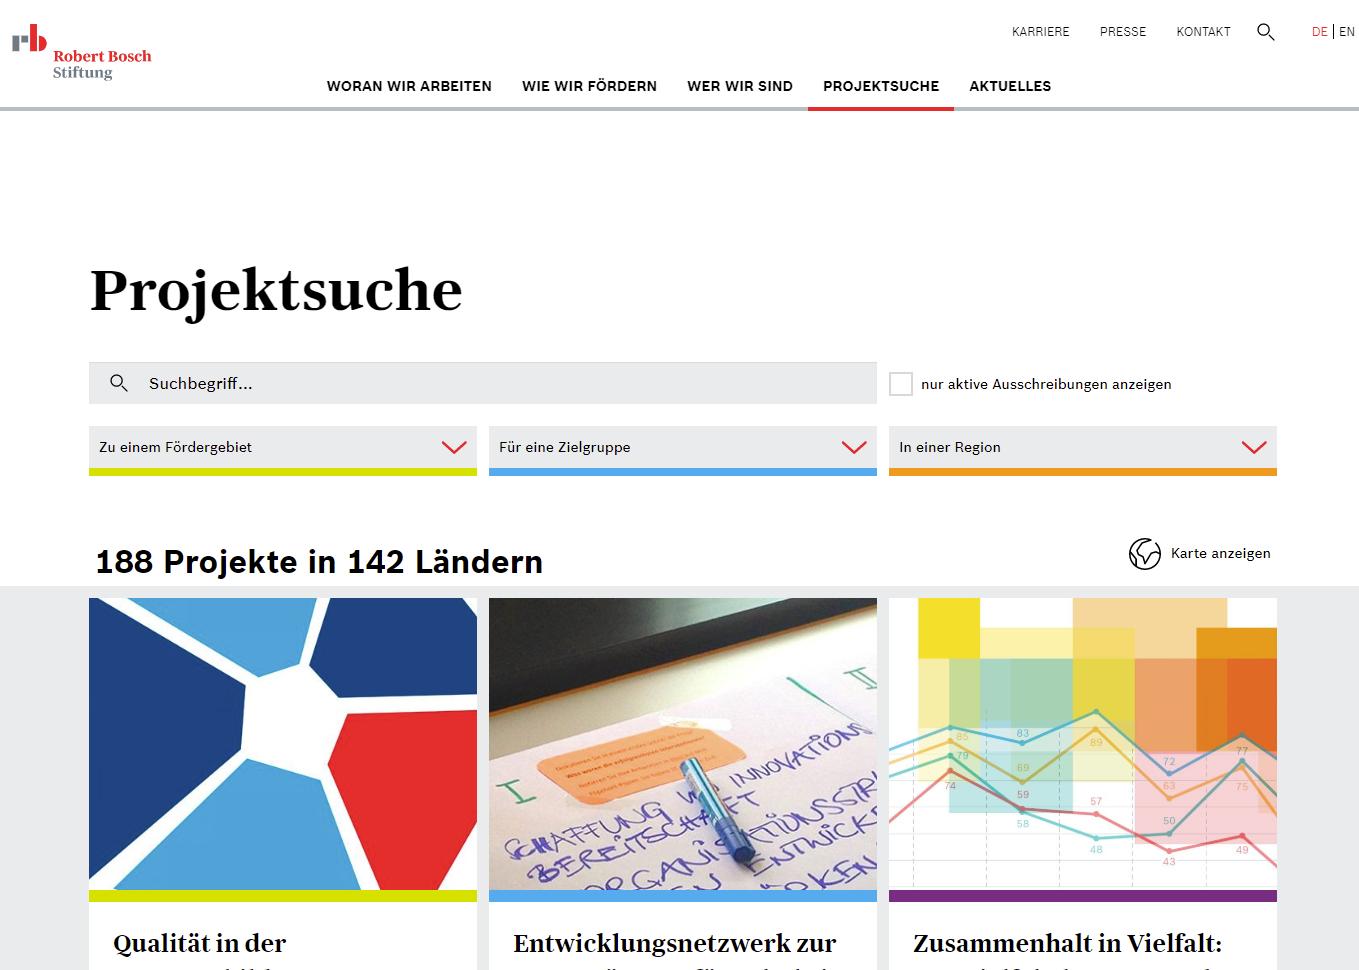 Robert Bosch Stiftung Corporate Website Relaunch Fuf